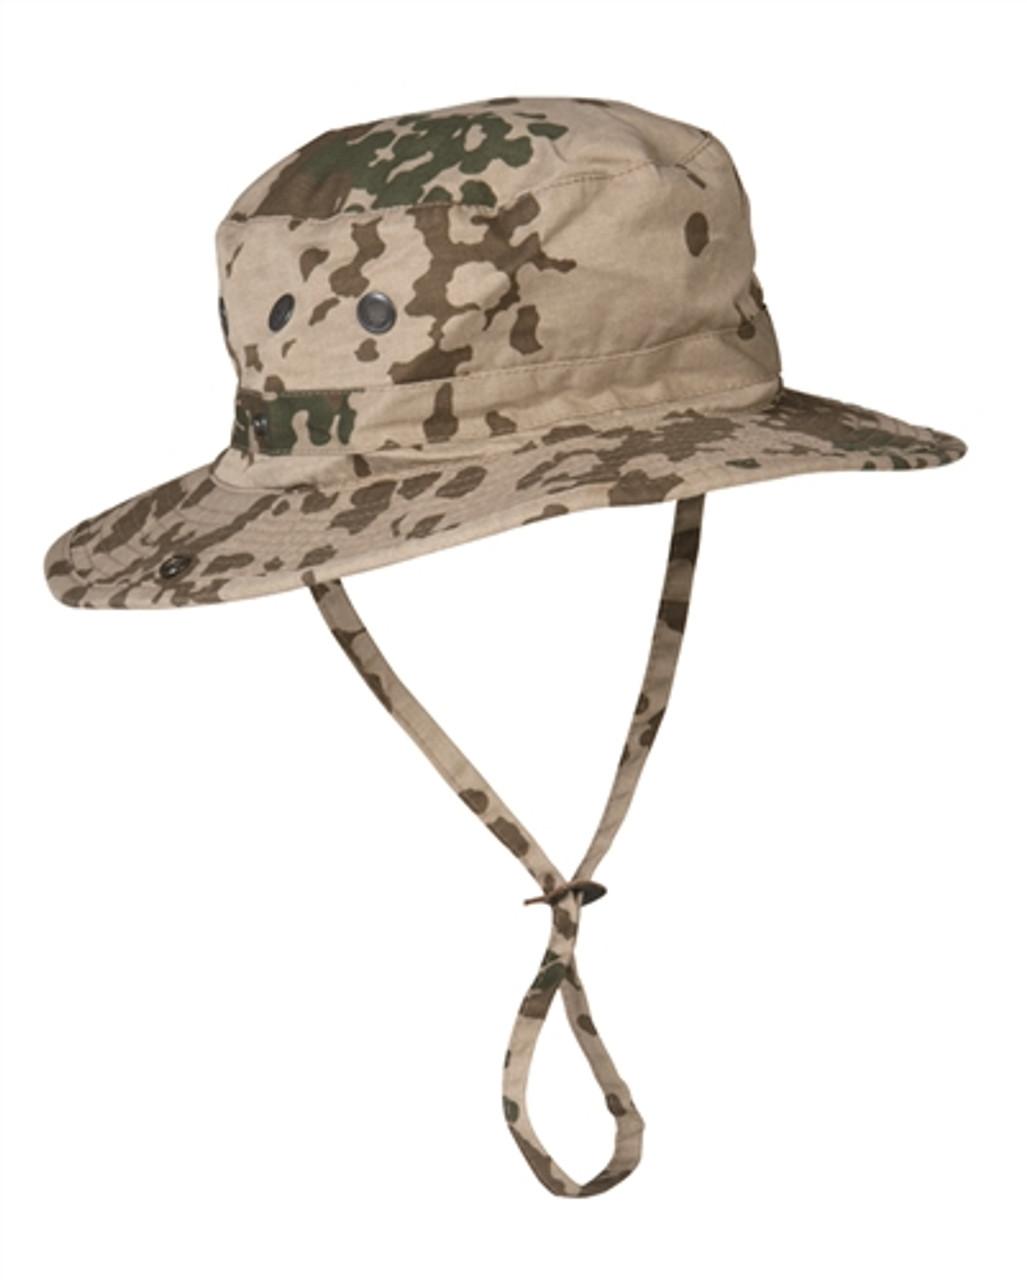 Bw Flecktarn US Style Boonie Hat from Hessen Antique